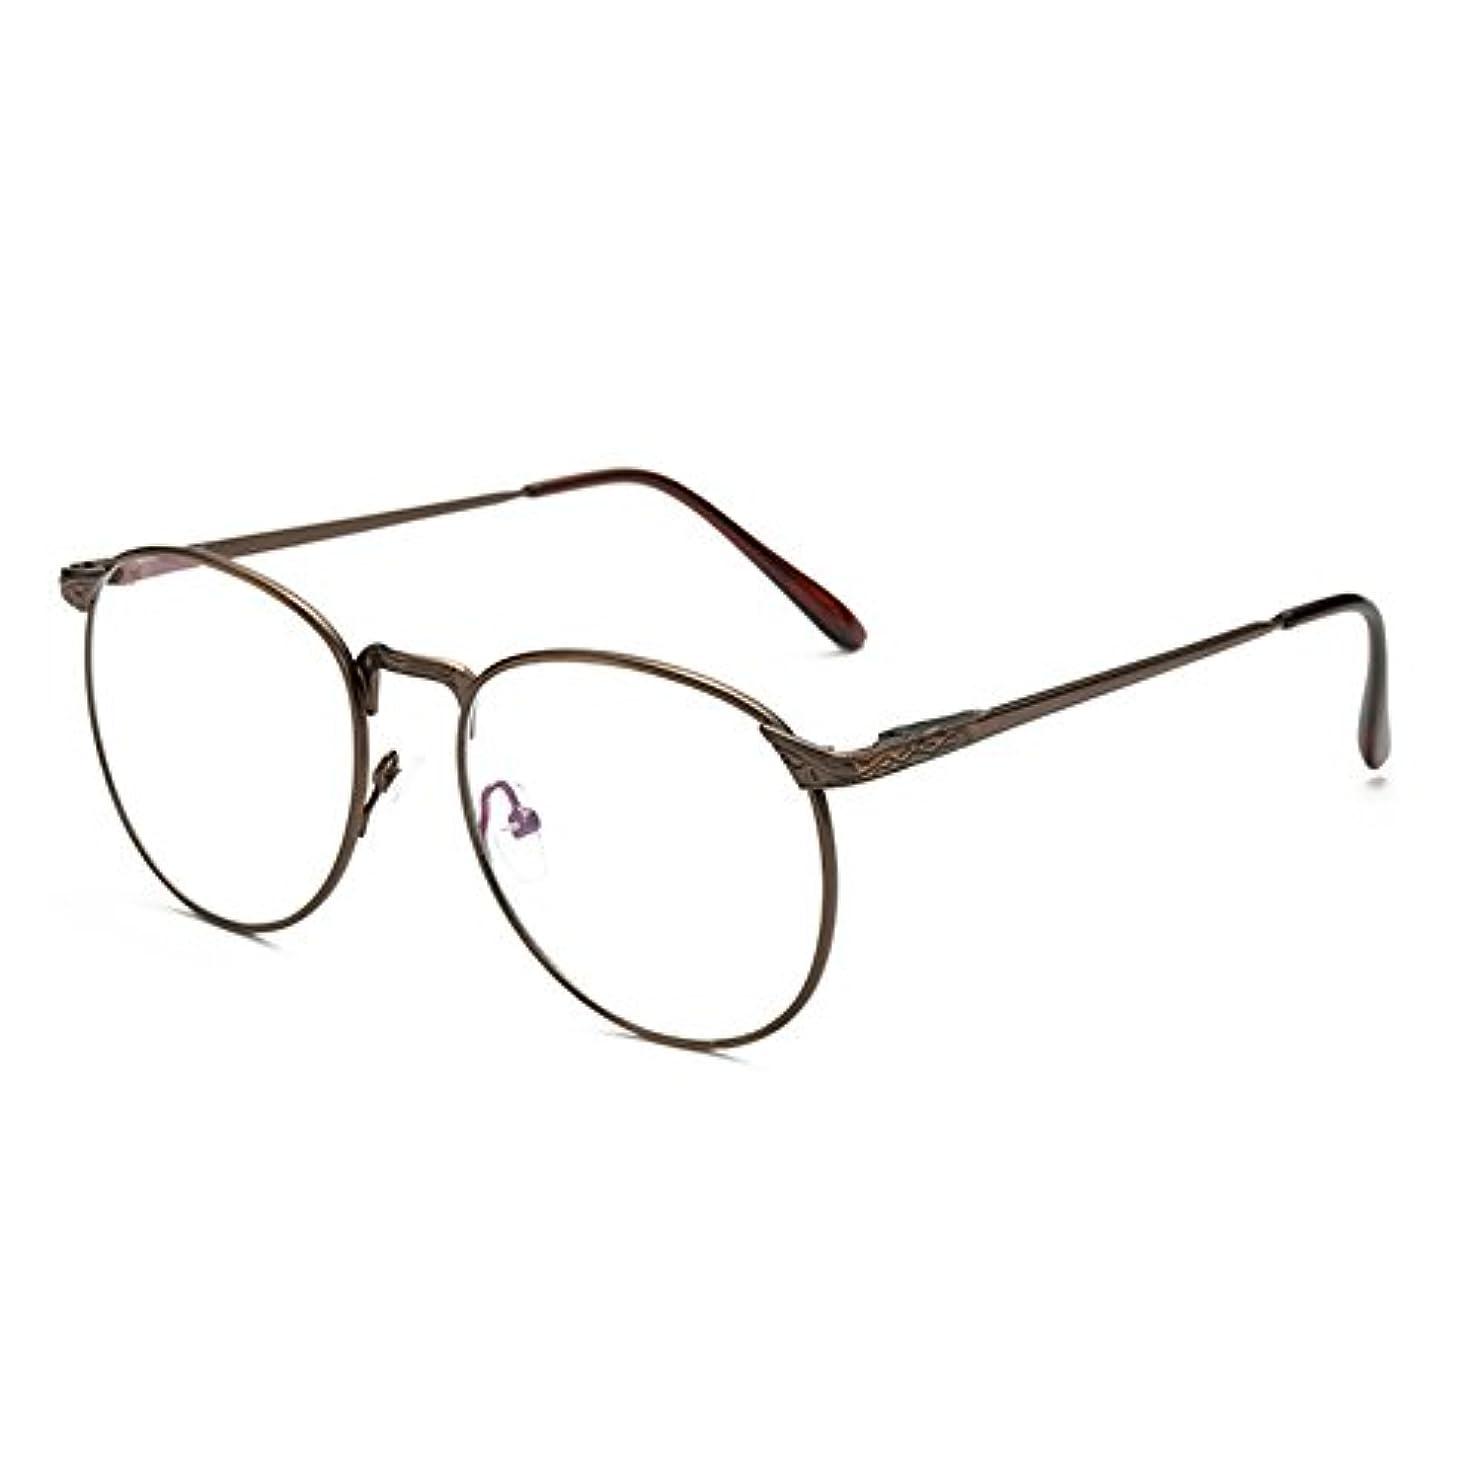 グラム意図する矛盾するFuyingda レトロラウンド大フレームのメガネ メタルフレームファインボーダーファッションメガネ アンチブルーメガネ